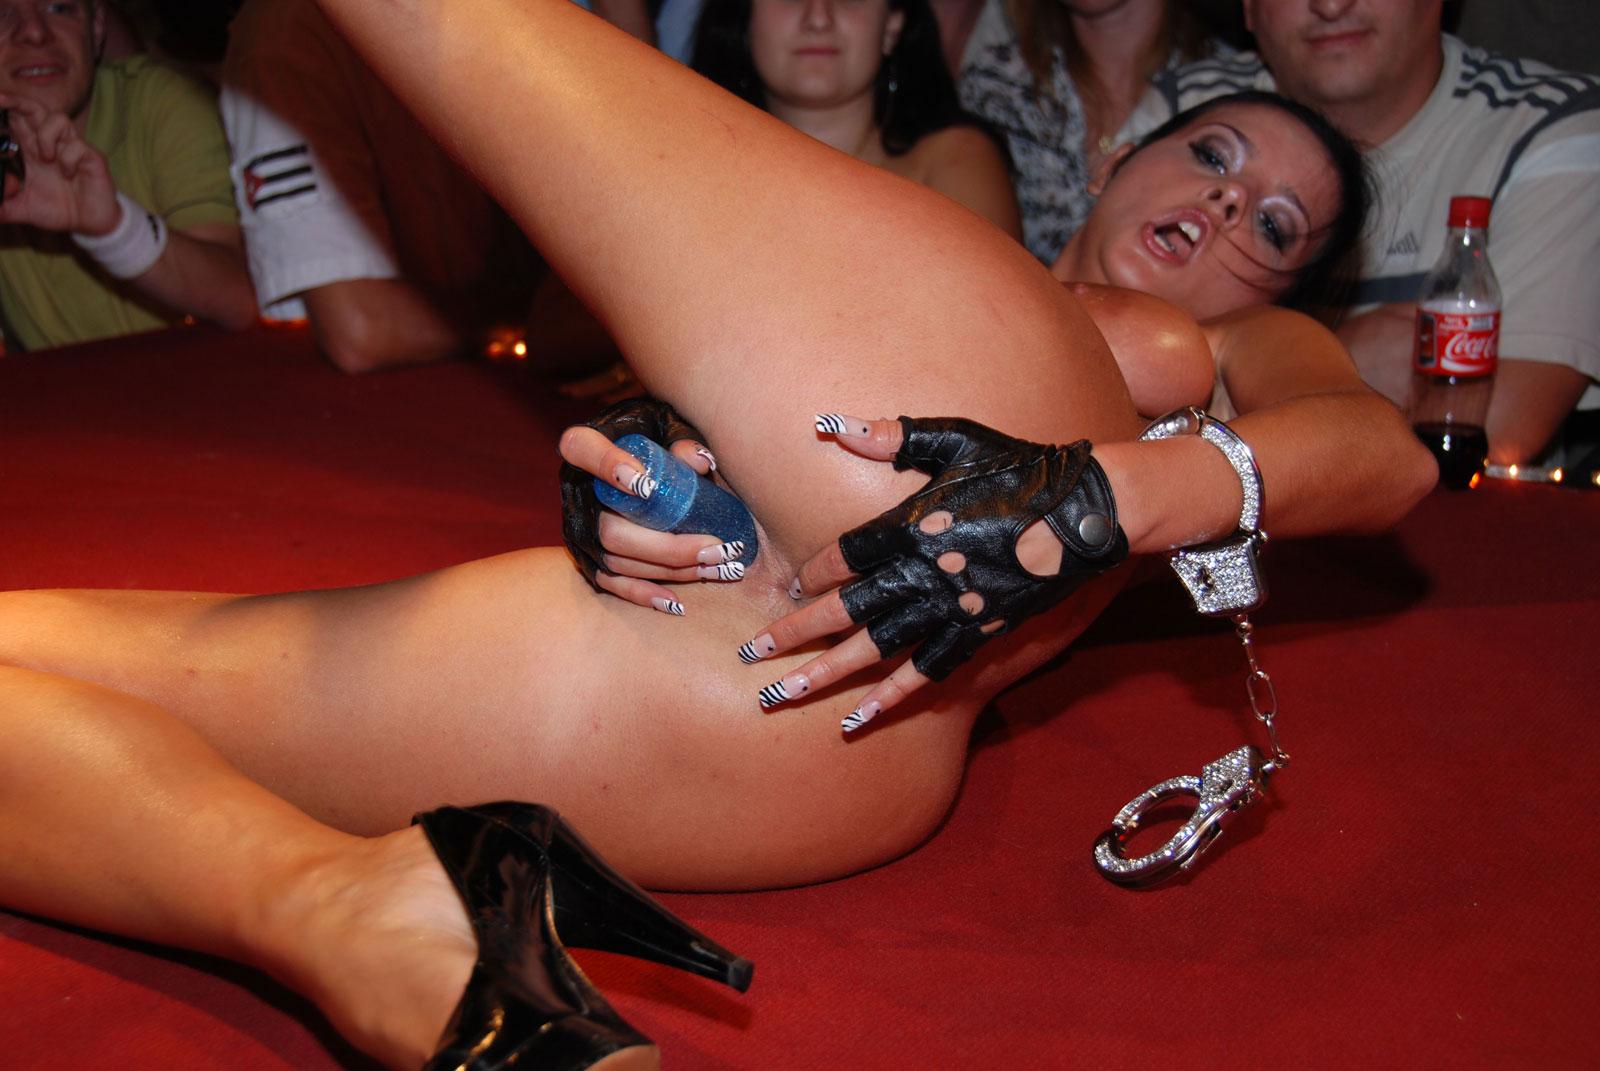 Порно фестиваль эротикон, страпон смотреть онлайн порно туб